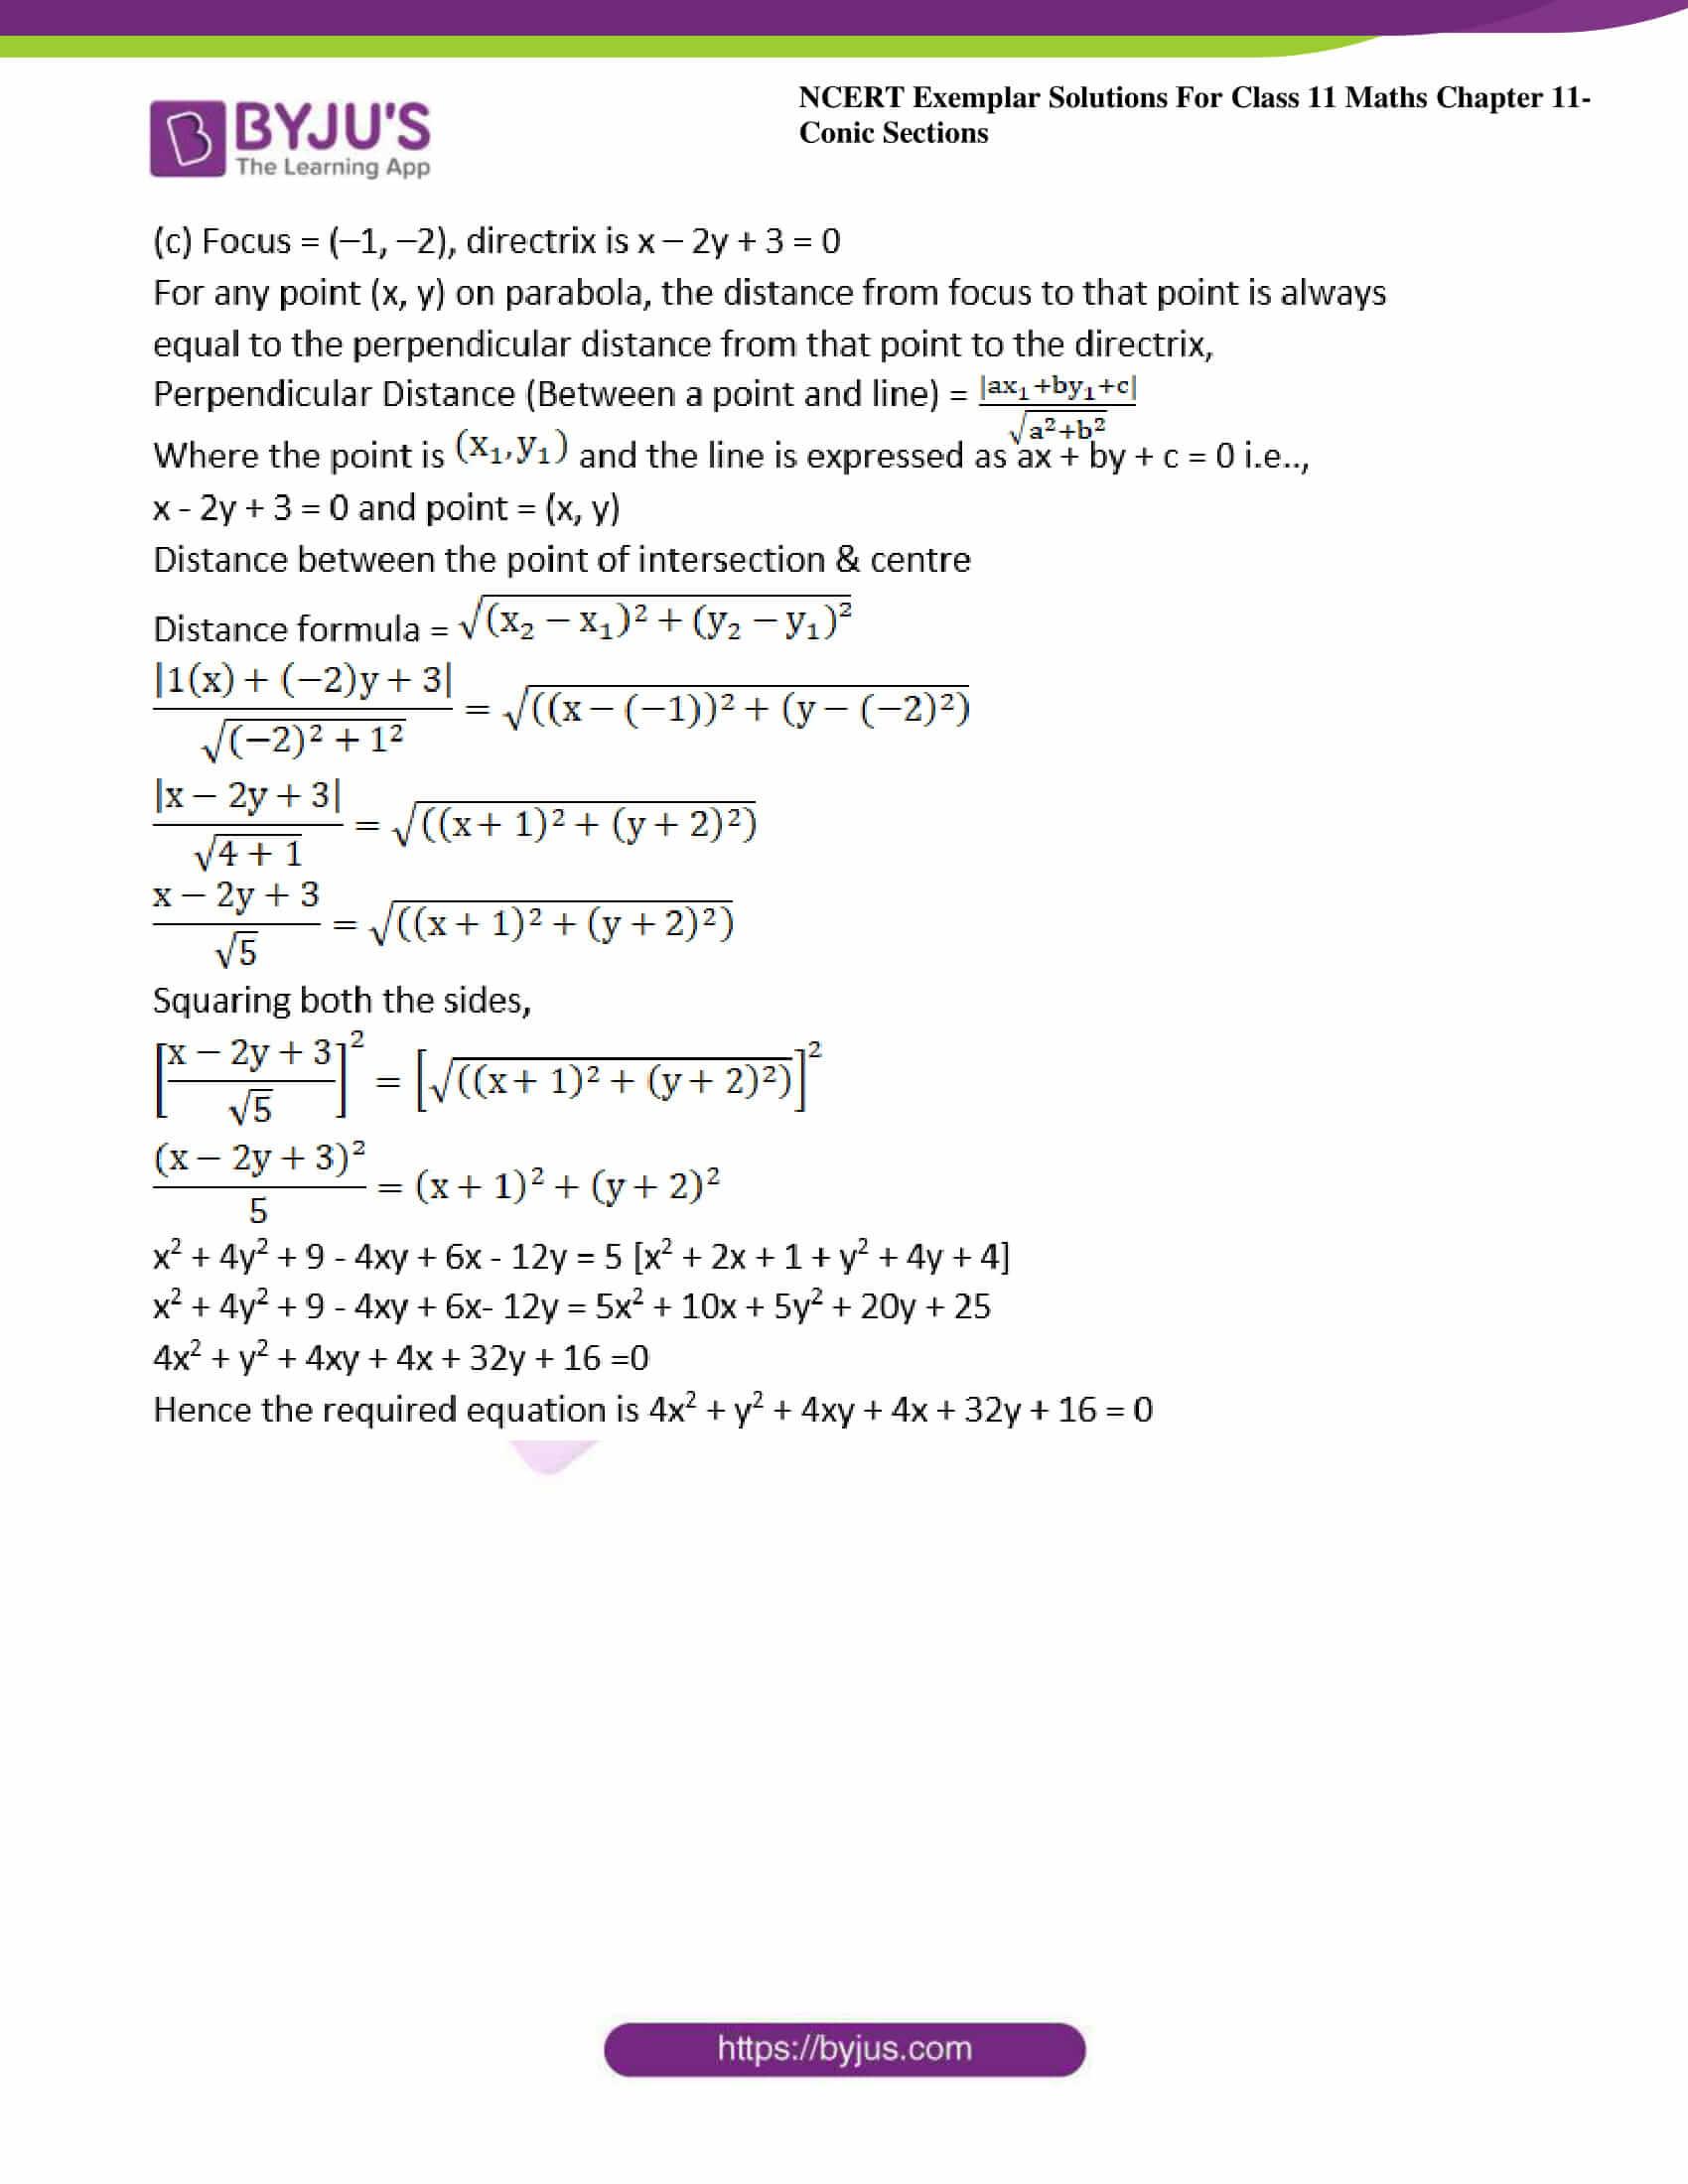 ncert exemplar sol class 11 maths chpt 11 conic 25